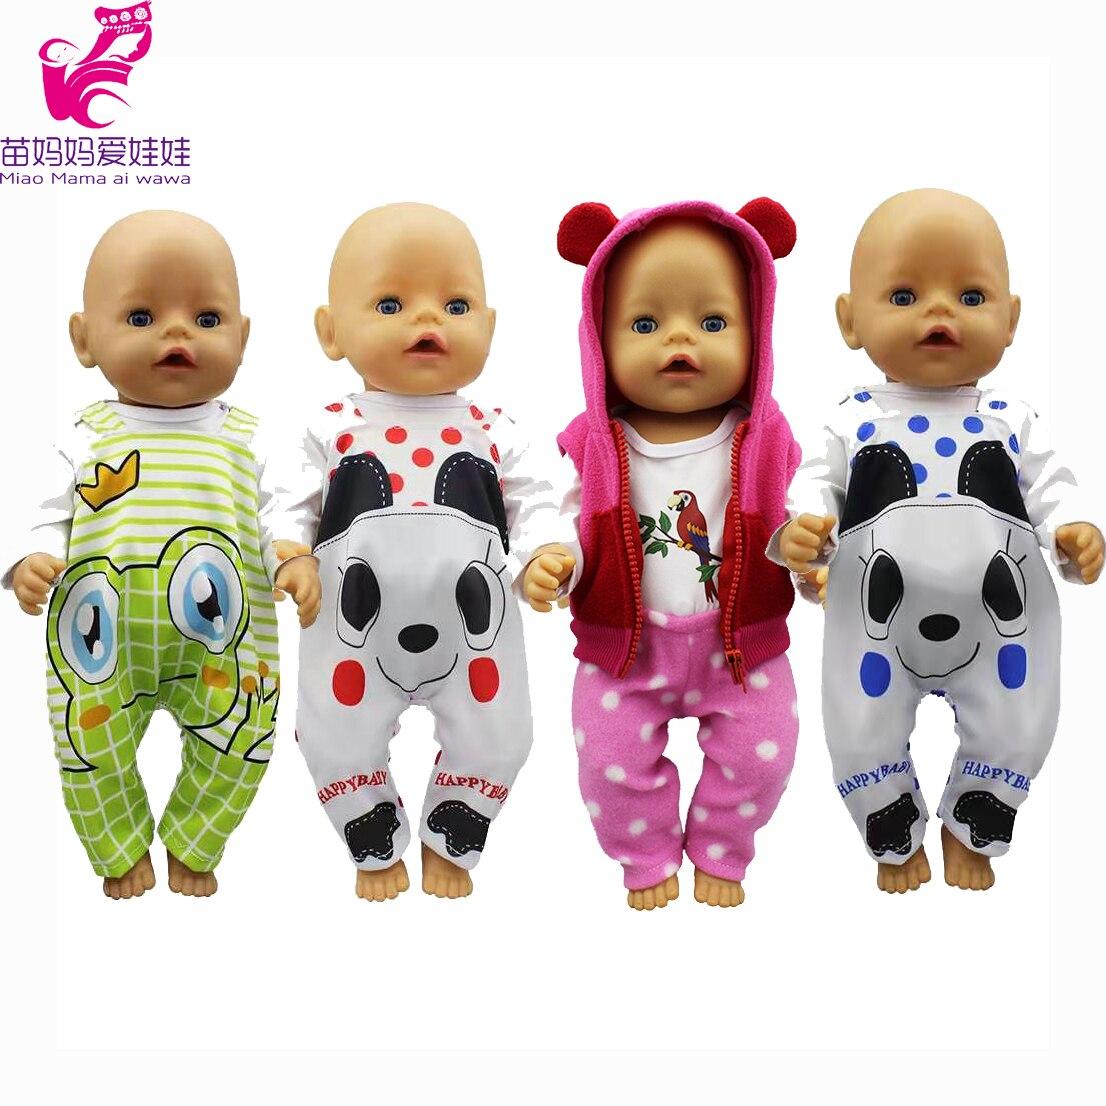 Кукольная одежда для новорожденных 43 см, свитер с капюшоном с изображением животных, 18 дюймов, комплект одежды для куклы